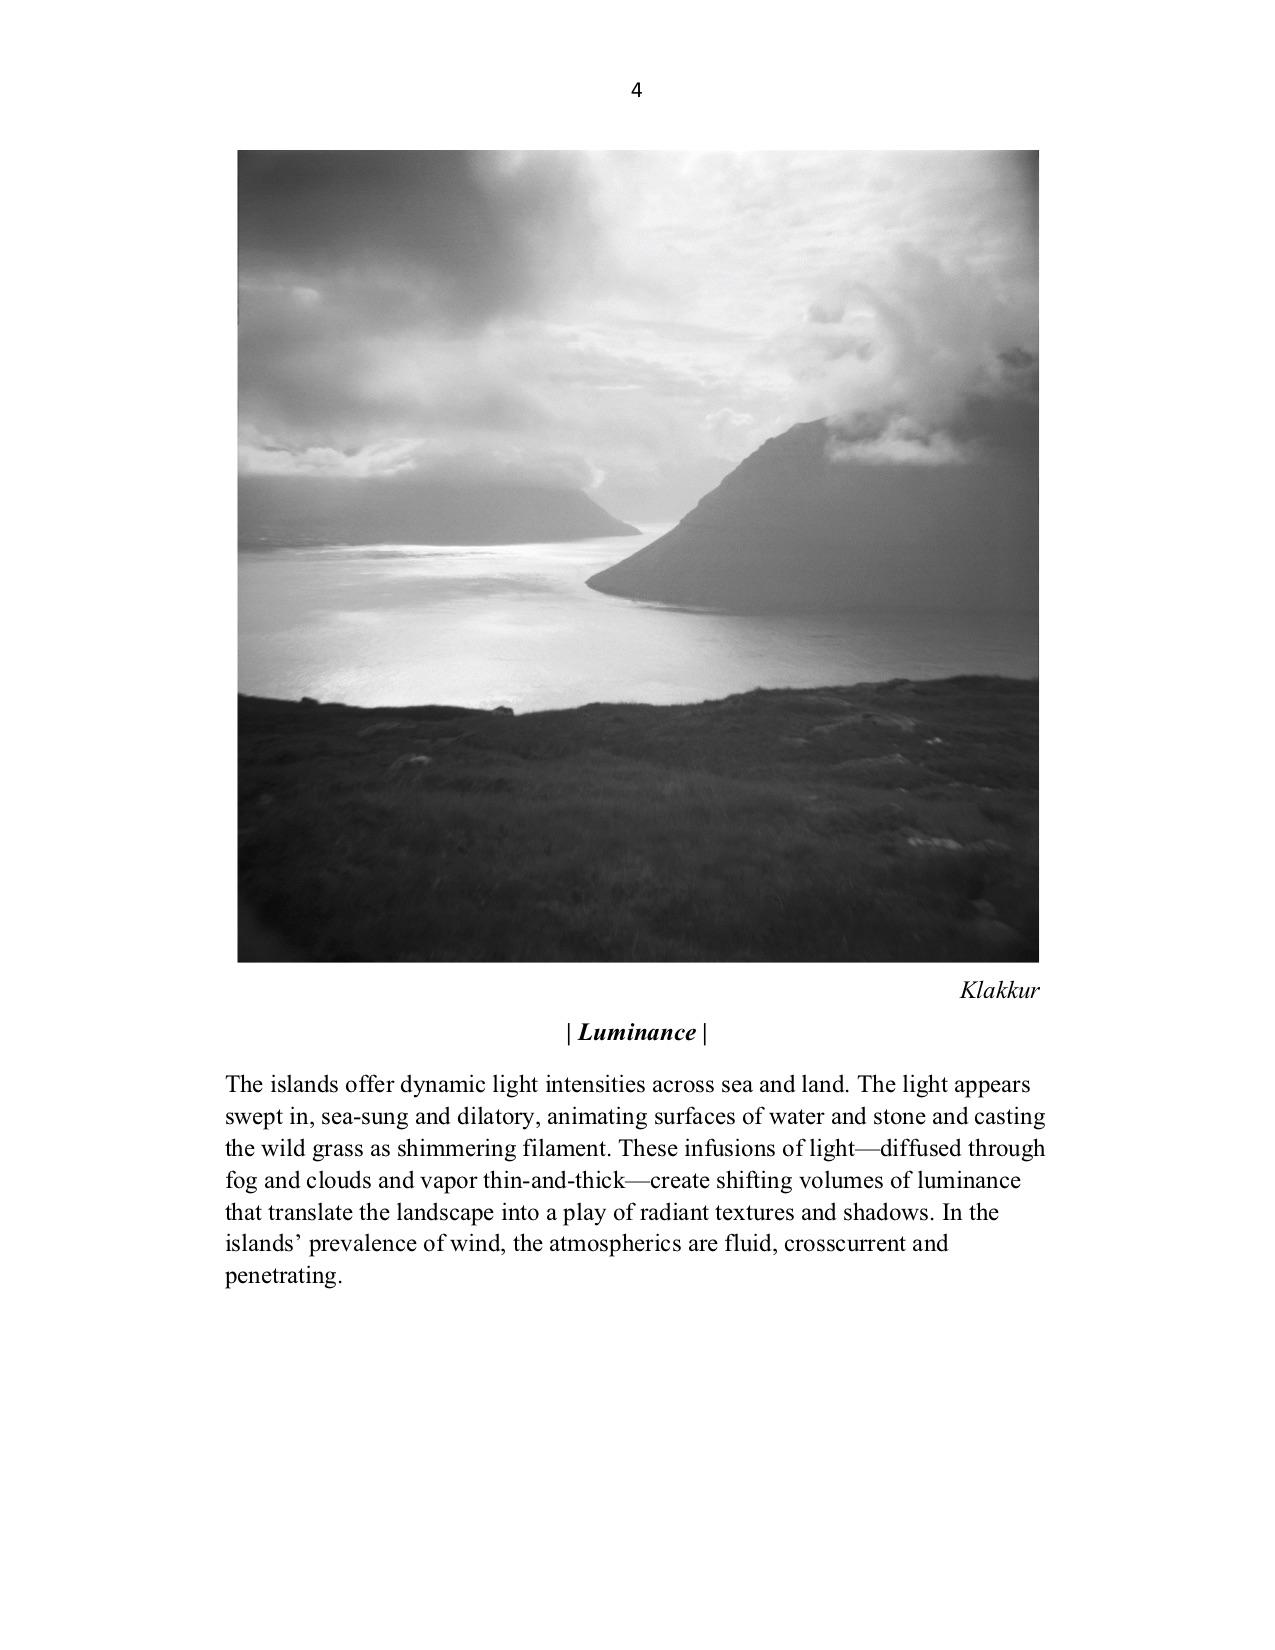 Faroe_Island_Elemental (4).jpg